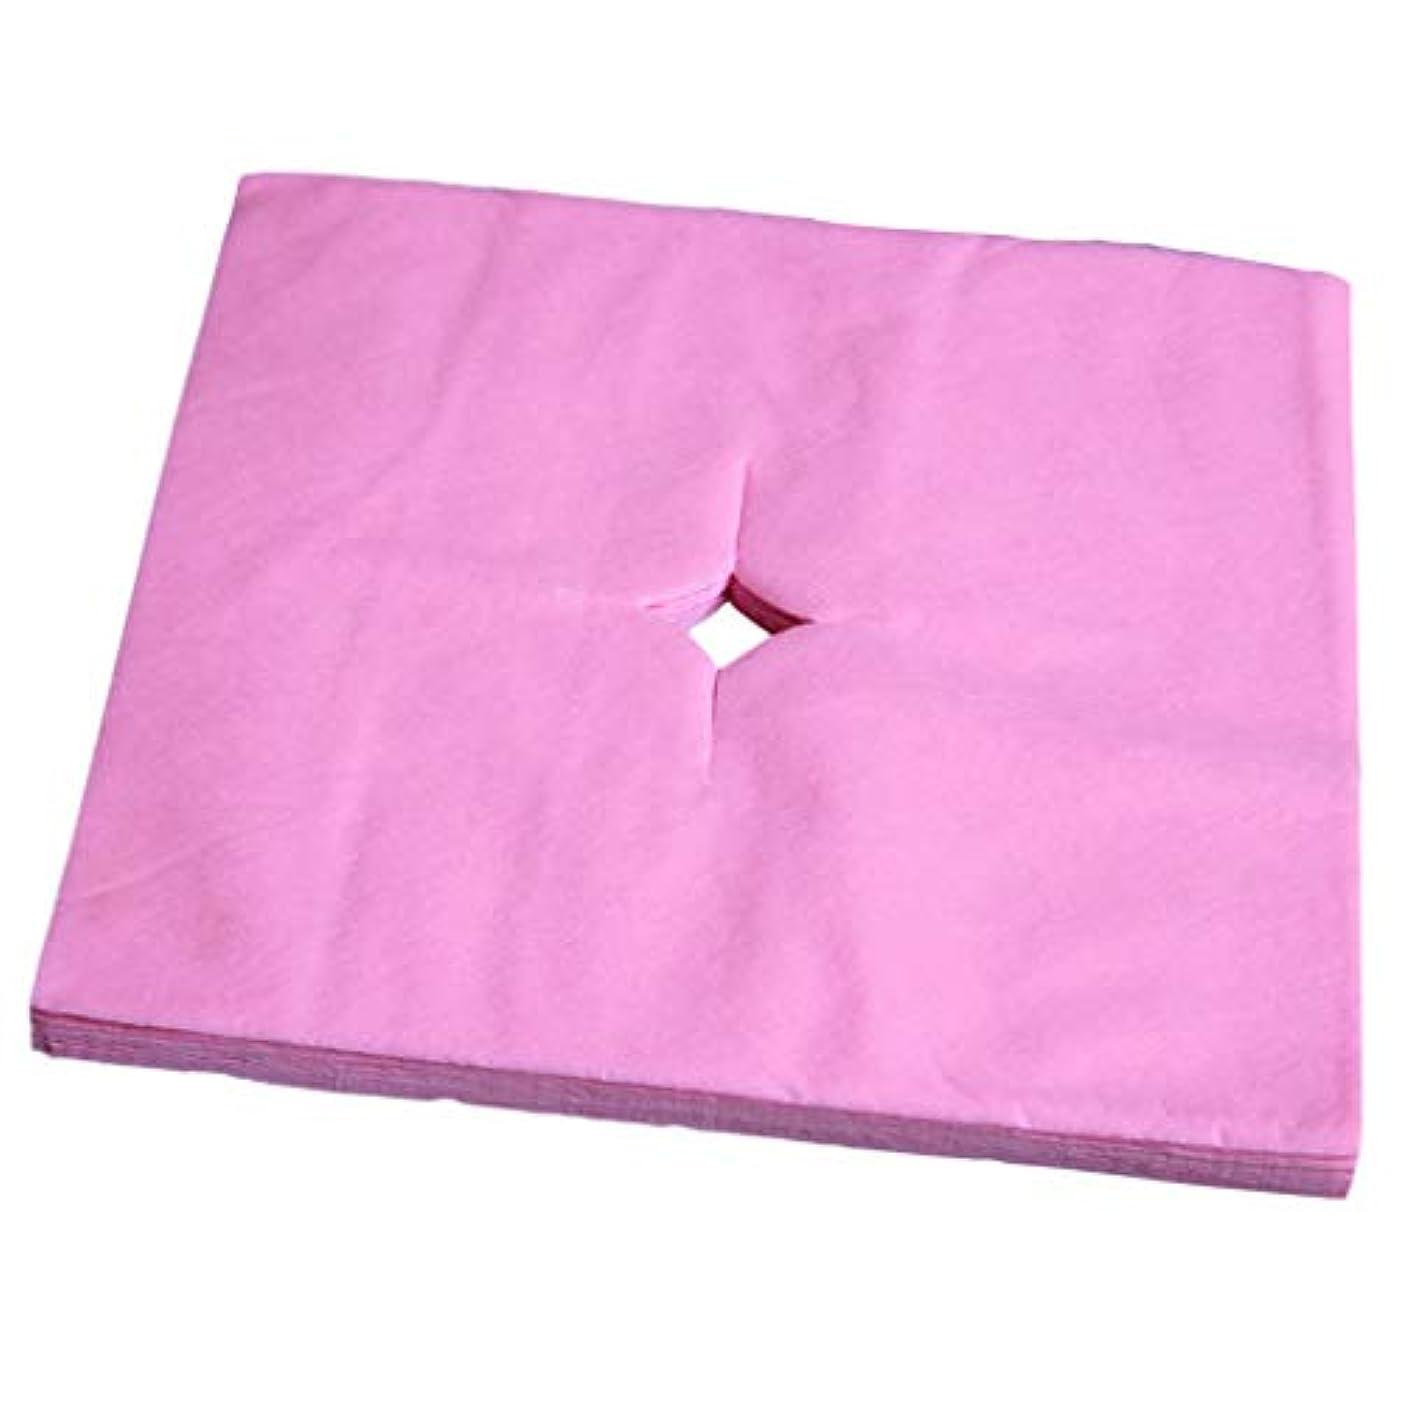 報酬環境に優しいセラフP Prettyia フェイスクレードルカバー 使い捨て 寝具カバー 不織布 柔らかい 便利 衛生的 全3色 - ピンク